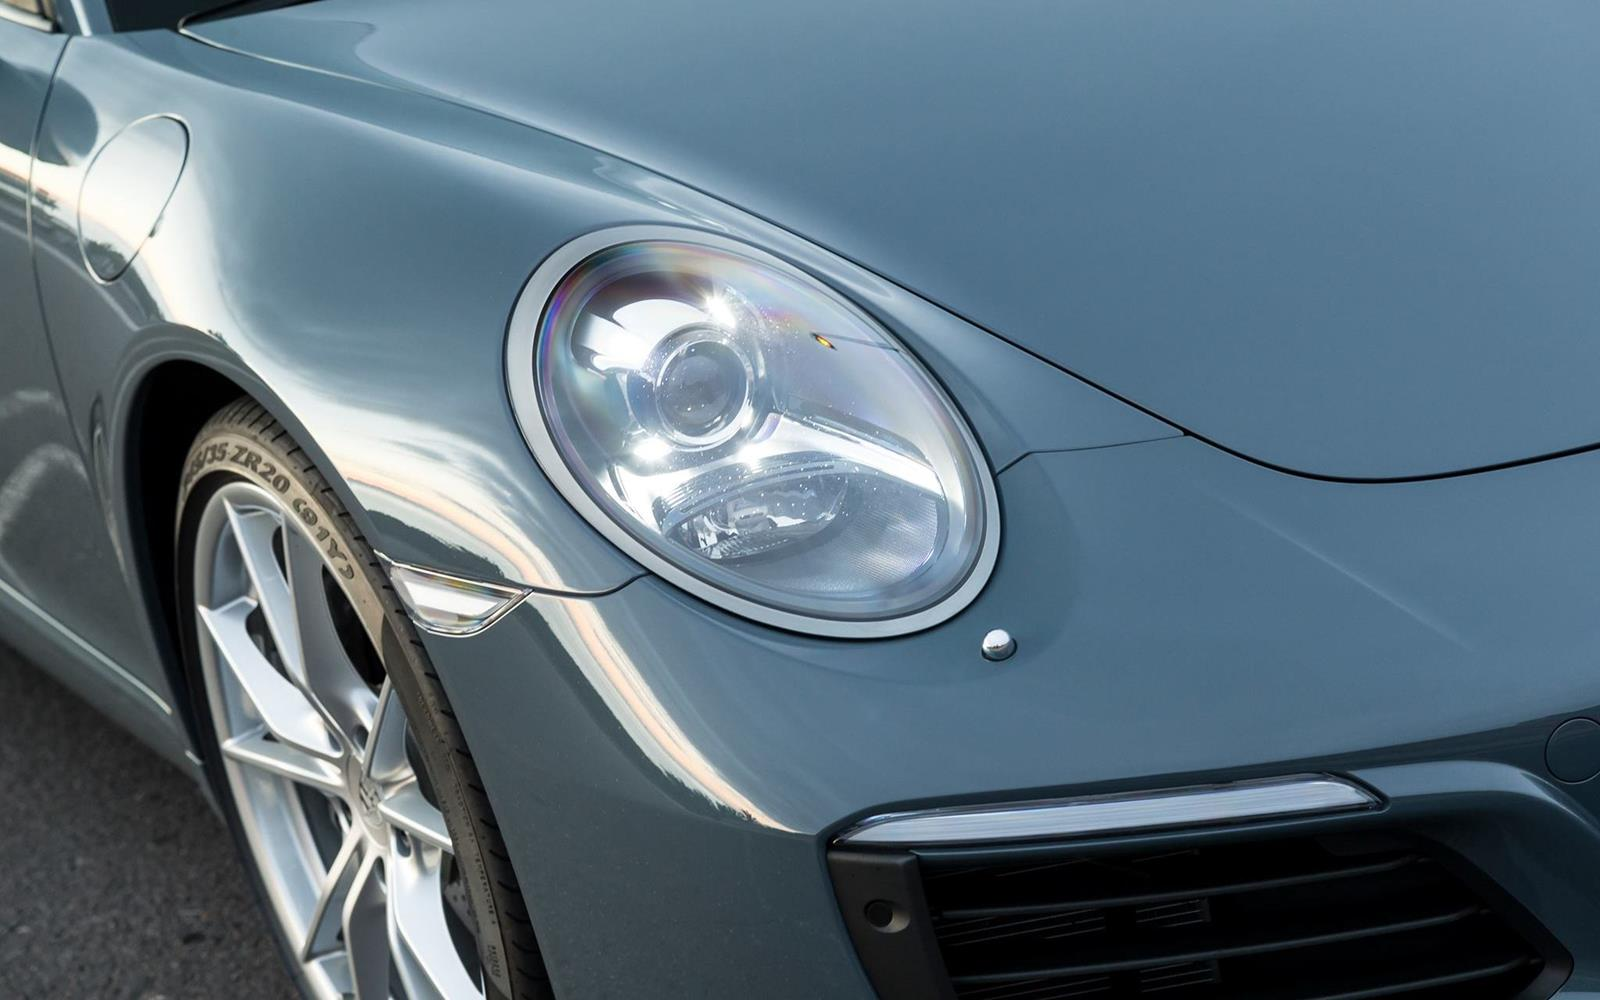 Porsche 911 Carrera 2015 Detail Exterior Light